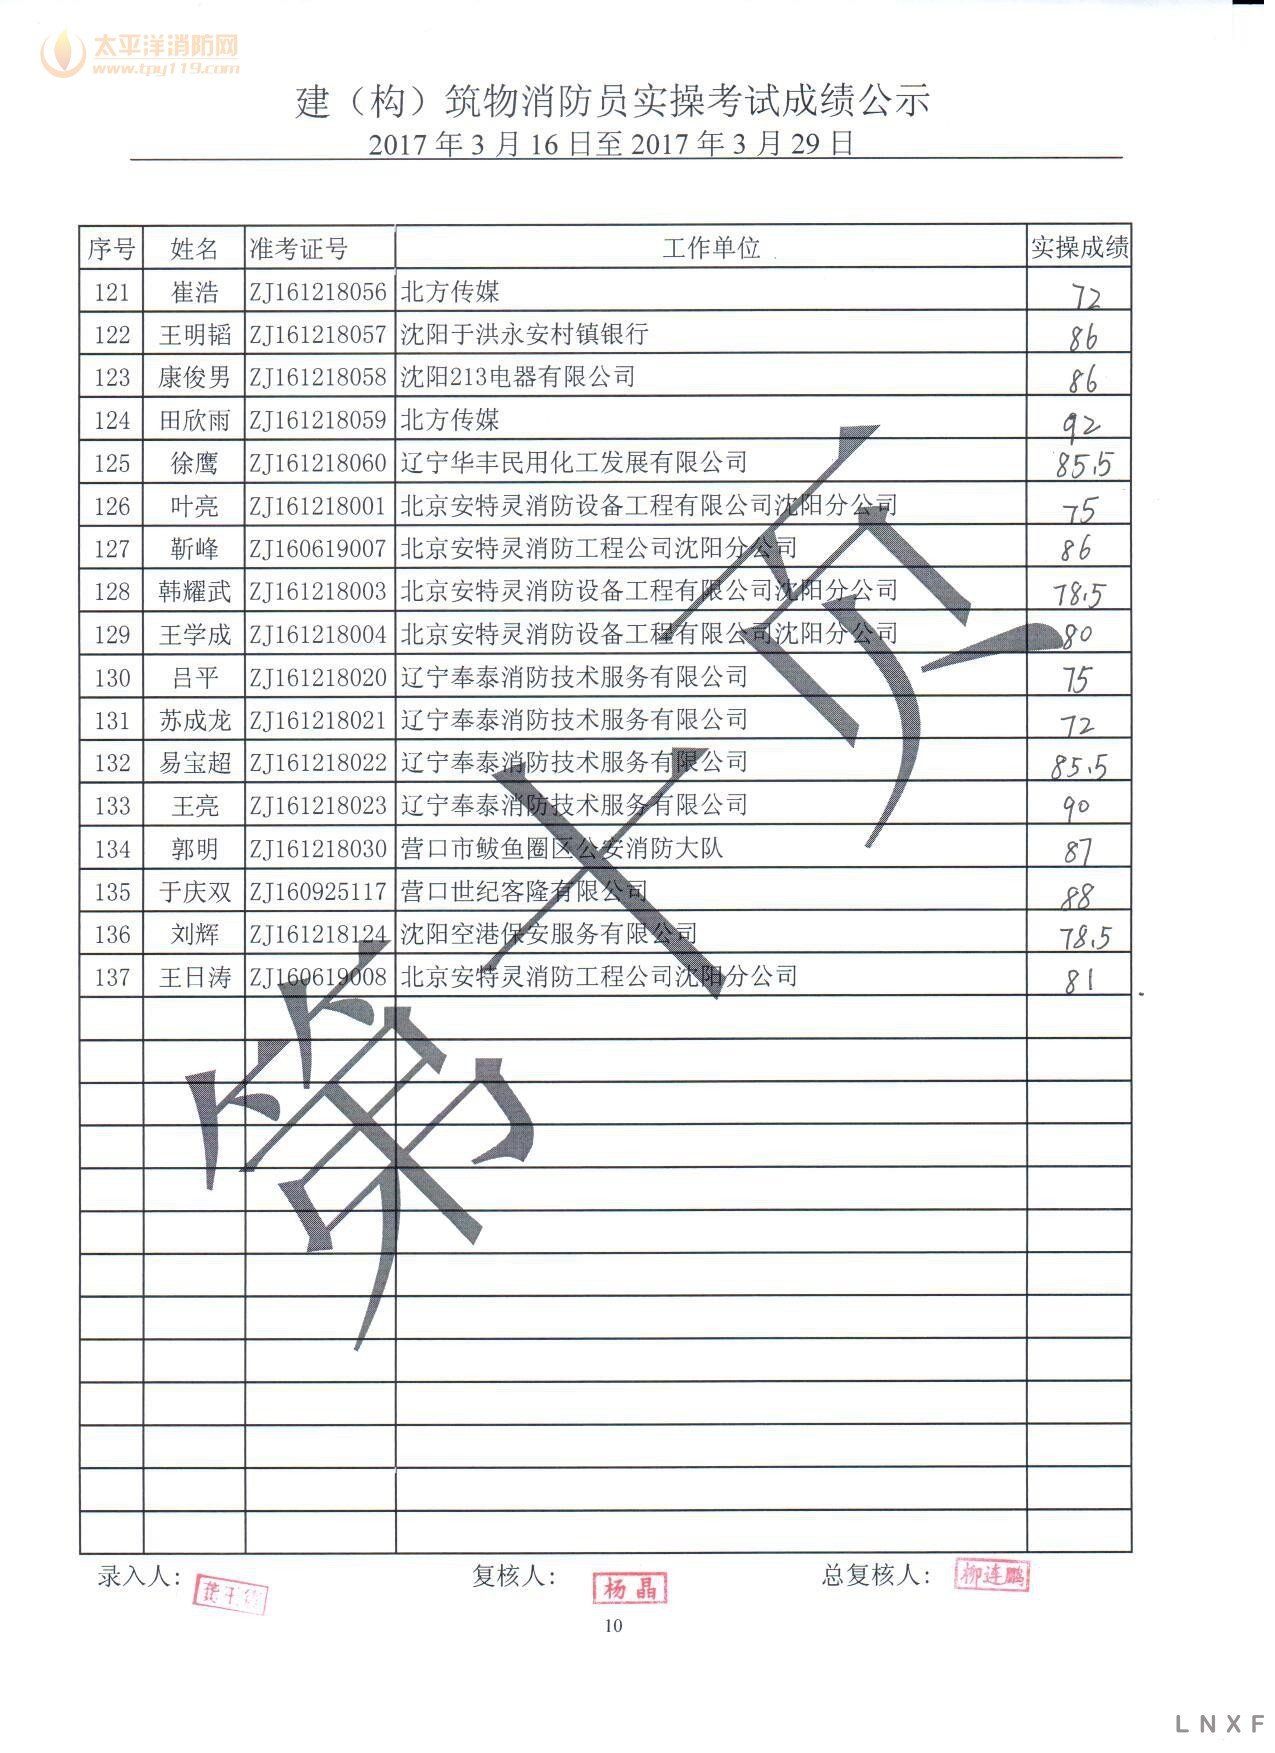 辽宁2017年建构筑物消防员(3.16-03.29)实操考试成绩公示